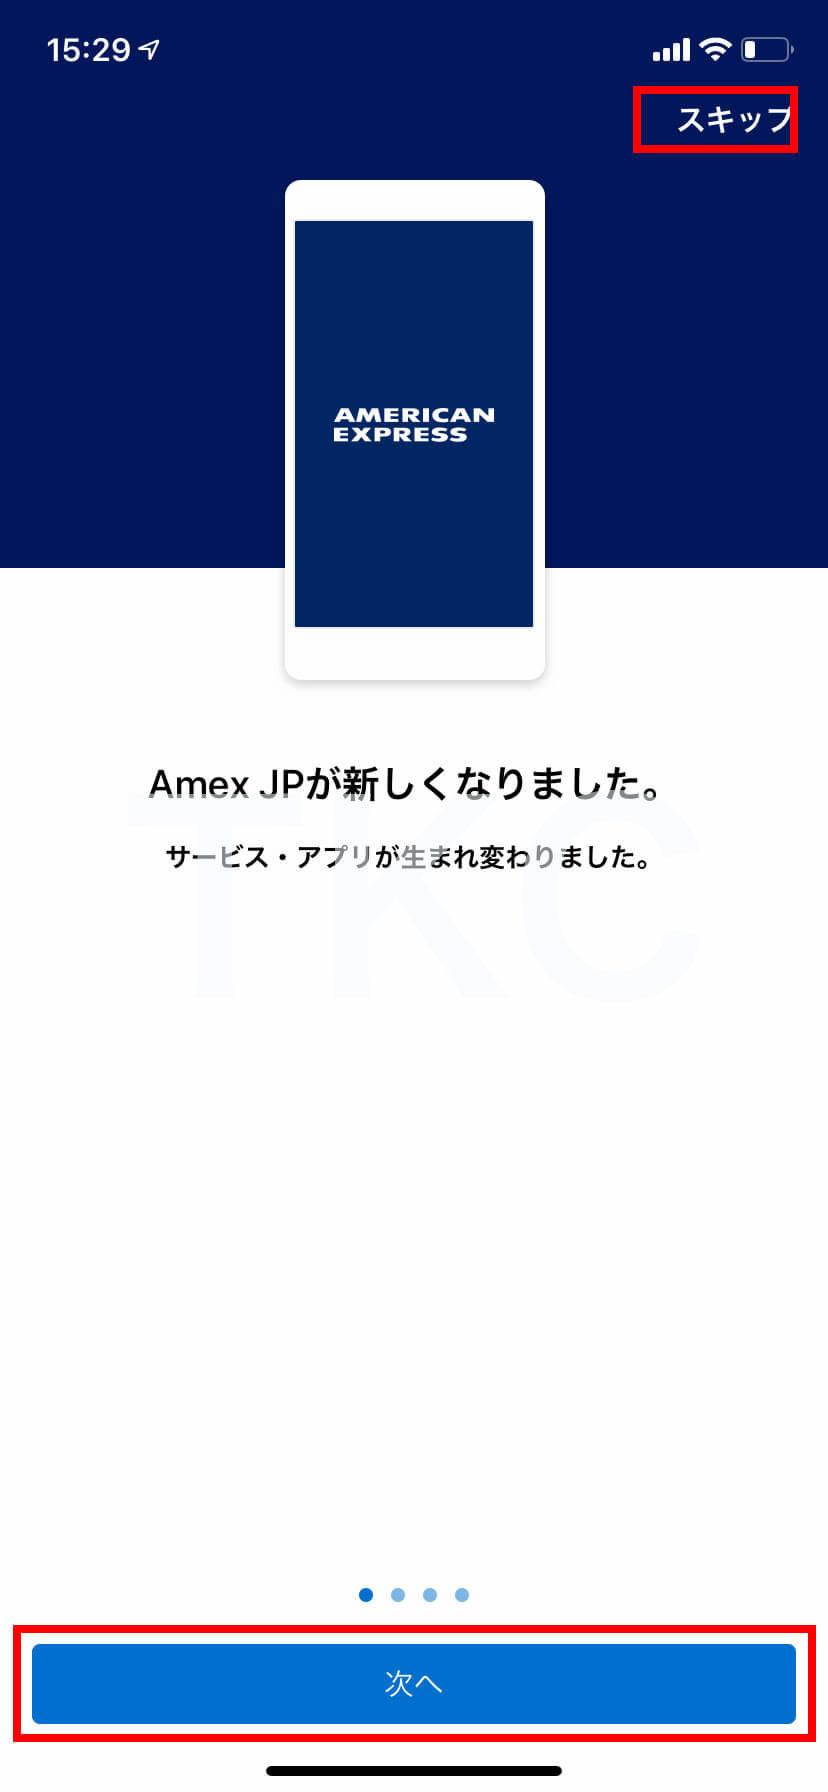 アメックスアプリの簡単な使い方が表示されます